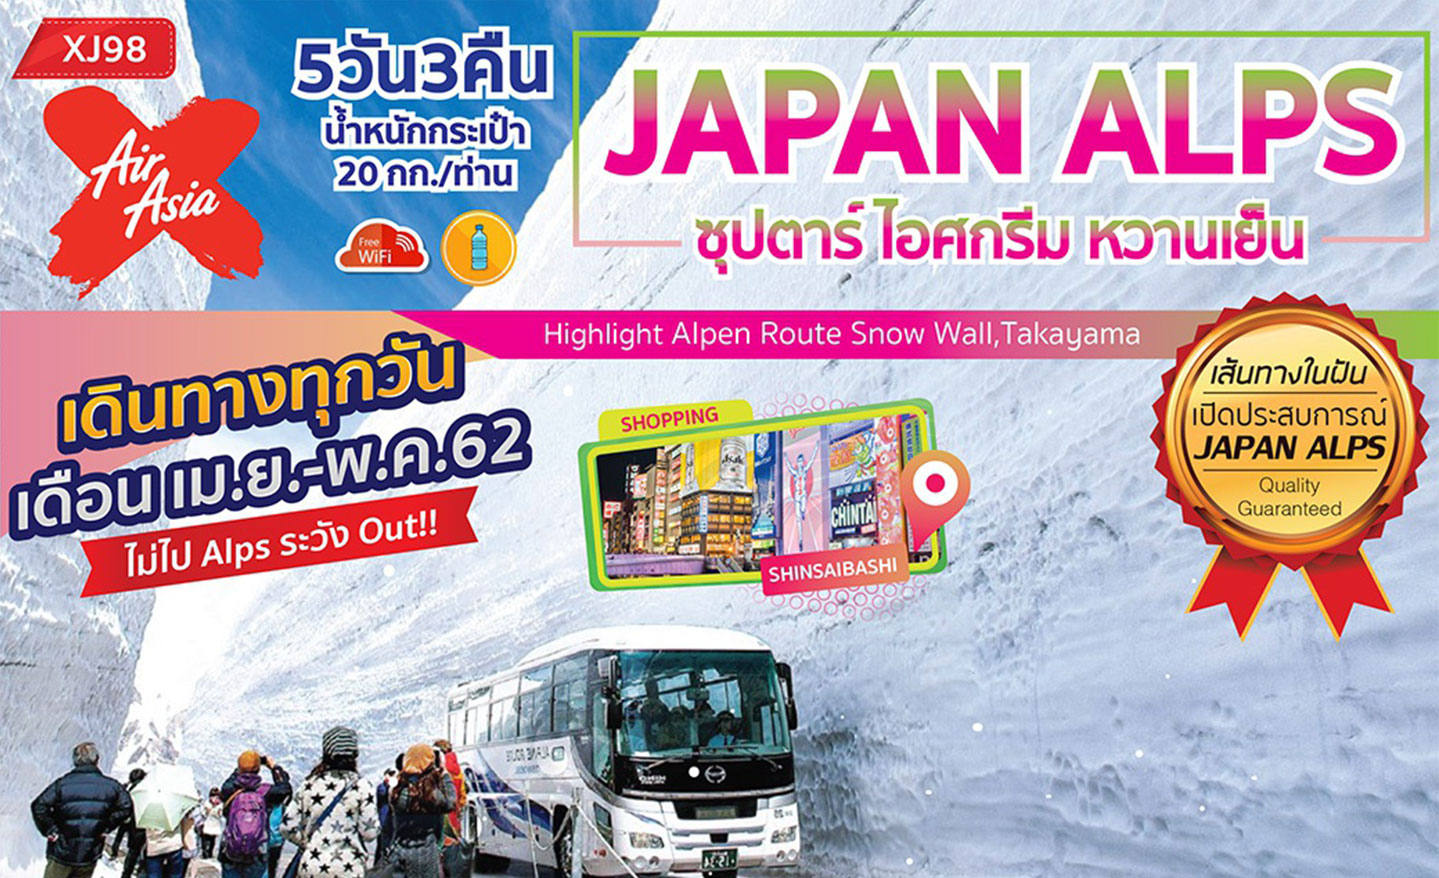 ทัวร์ญี่ปุ่น Osaka Japan Alps ซุปตาร์ ไอศกรีม หวานเย็น (เม.ย.-พ.ค.62)